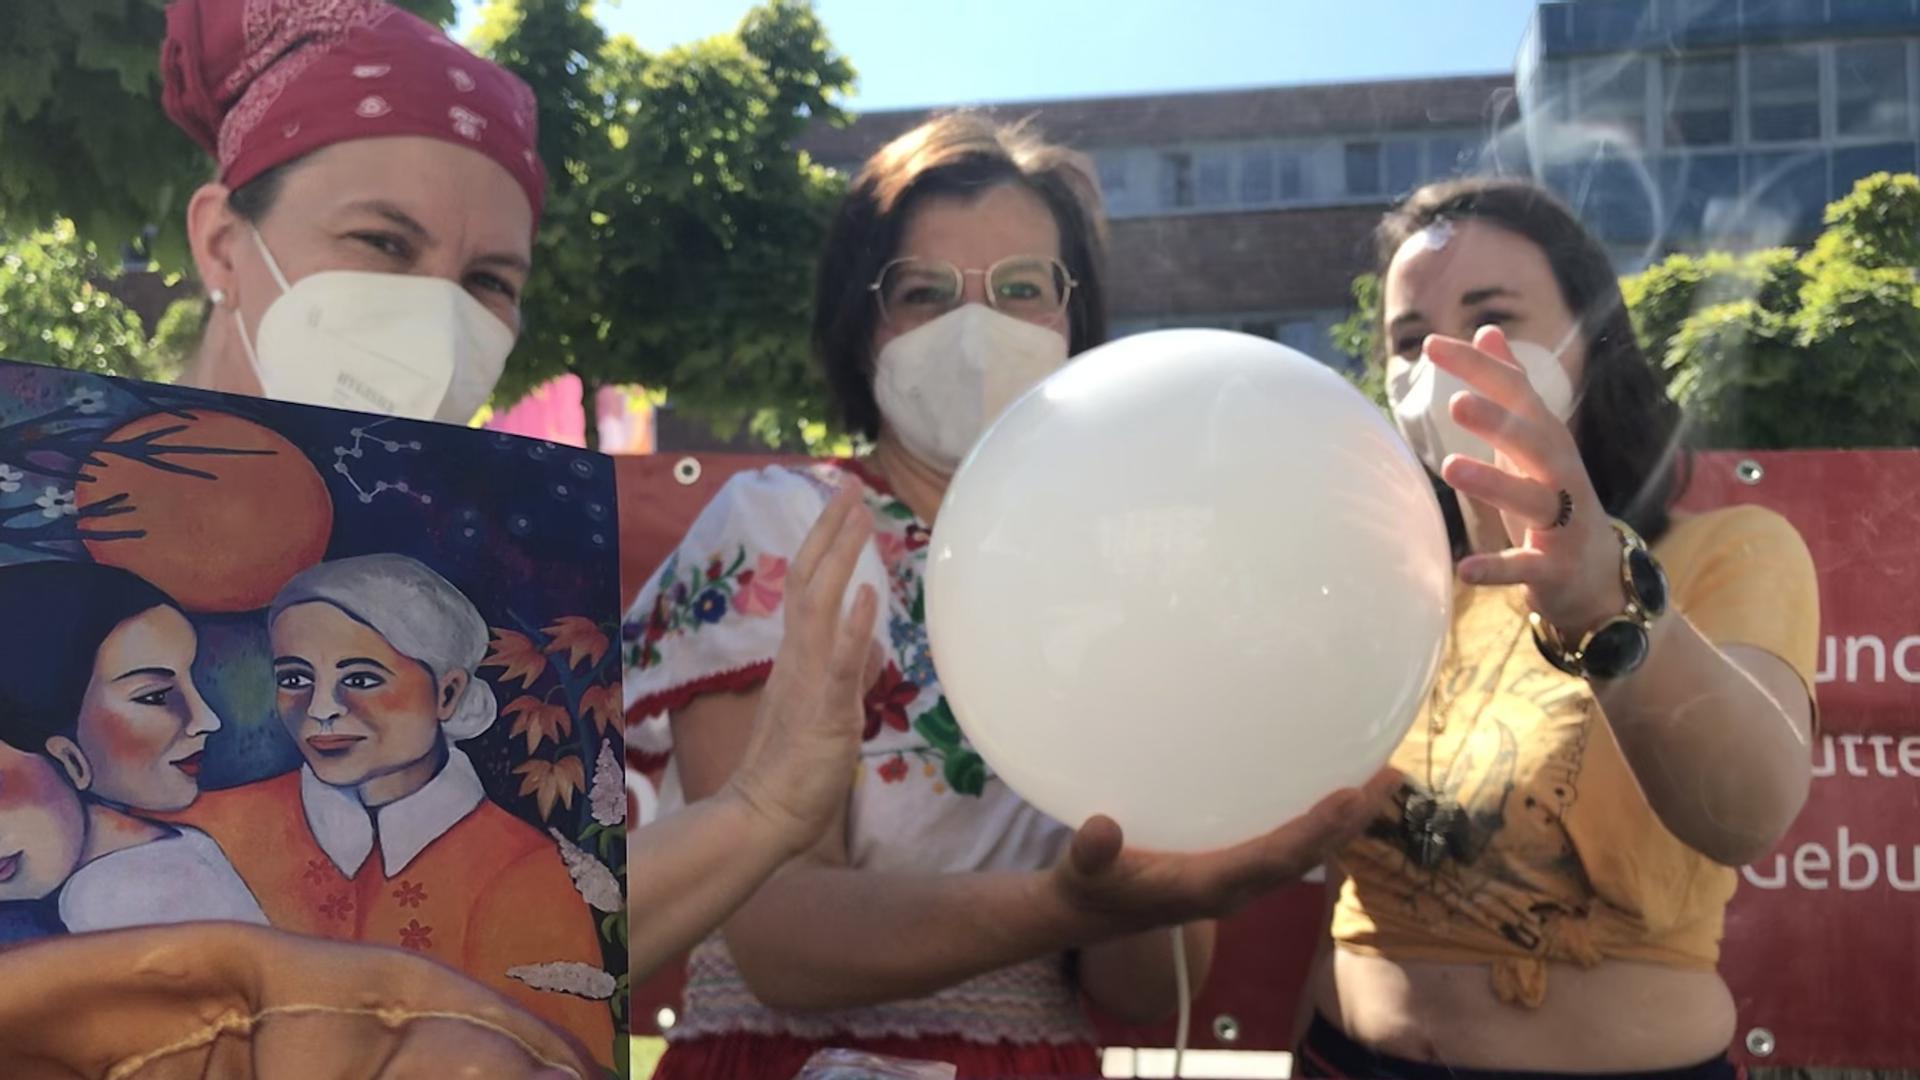 Drei Frauen schauen in eine Kristallkugel